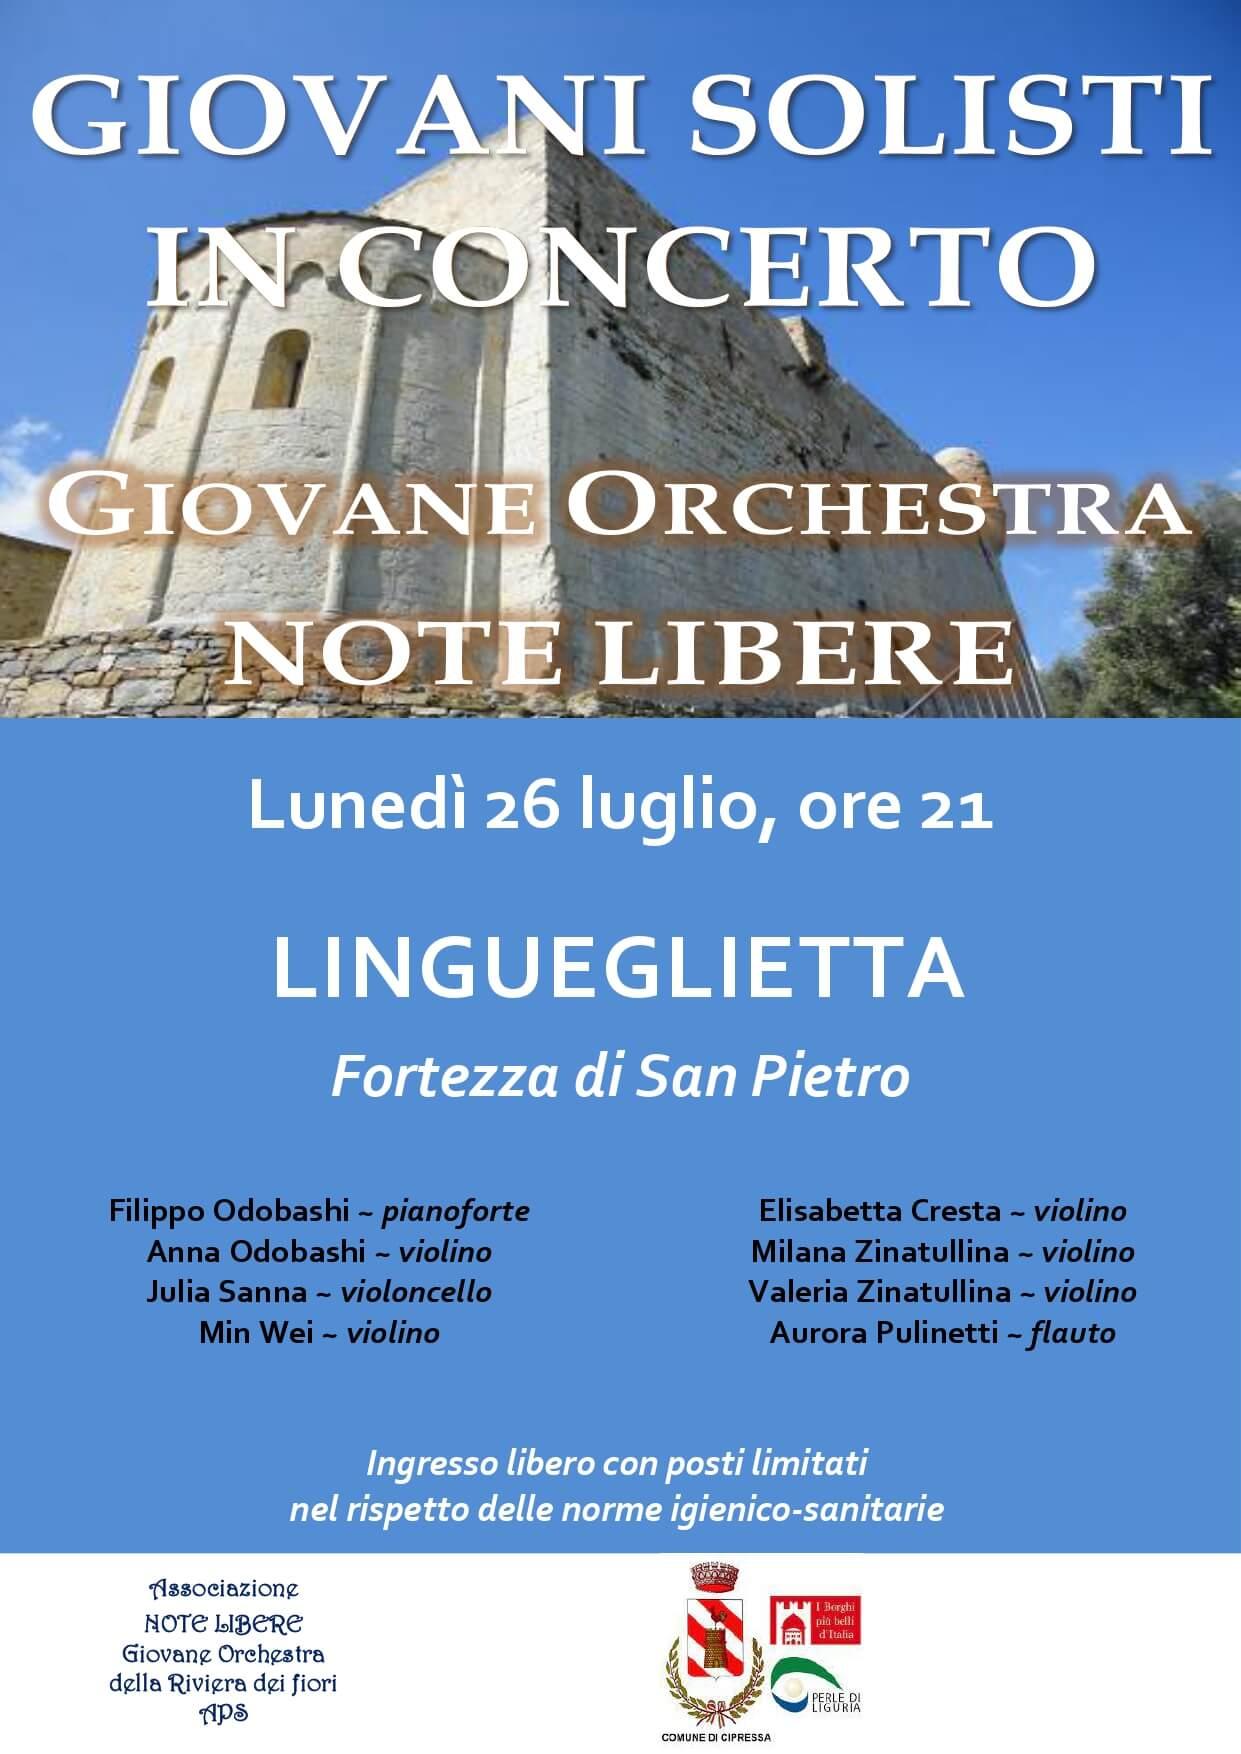 _Locandina Lingueglietta 26-7-21Note libere_page-0001 (1)